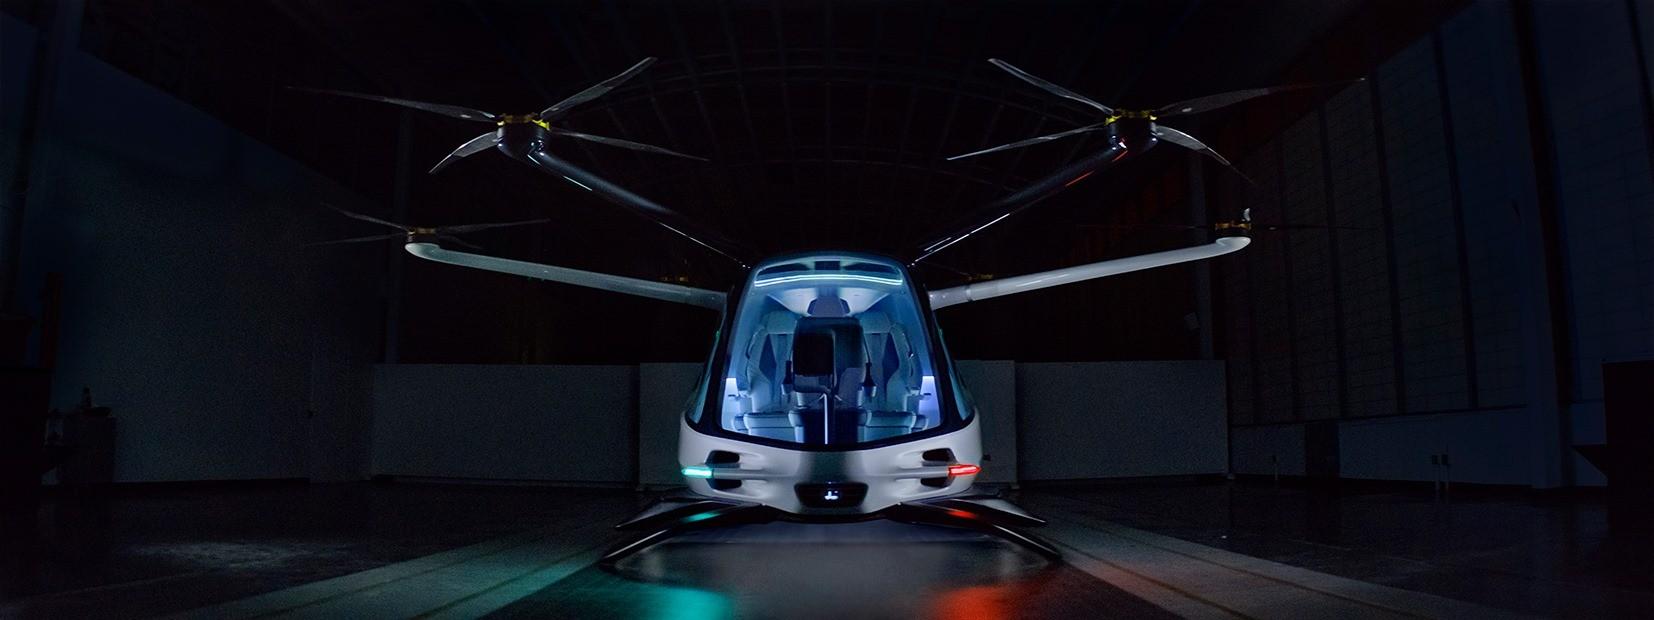 Startup apresenta carro voador movido a hidrogênio  (Foto: Divulgação)